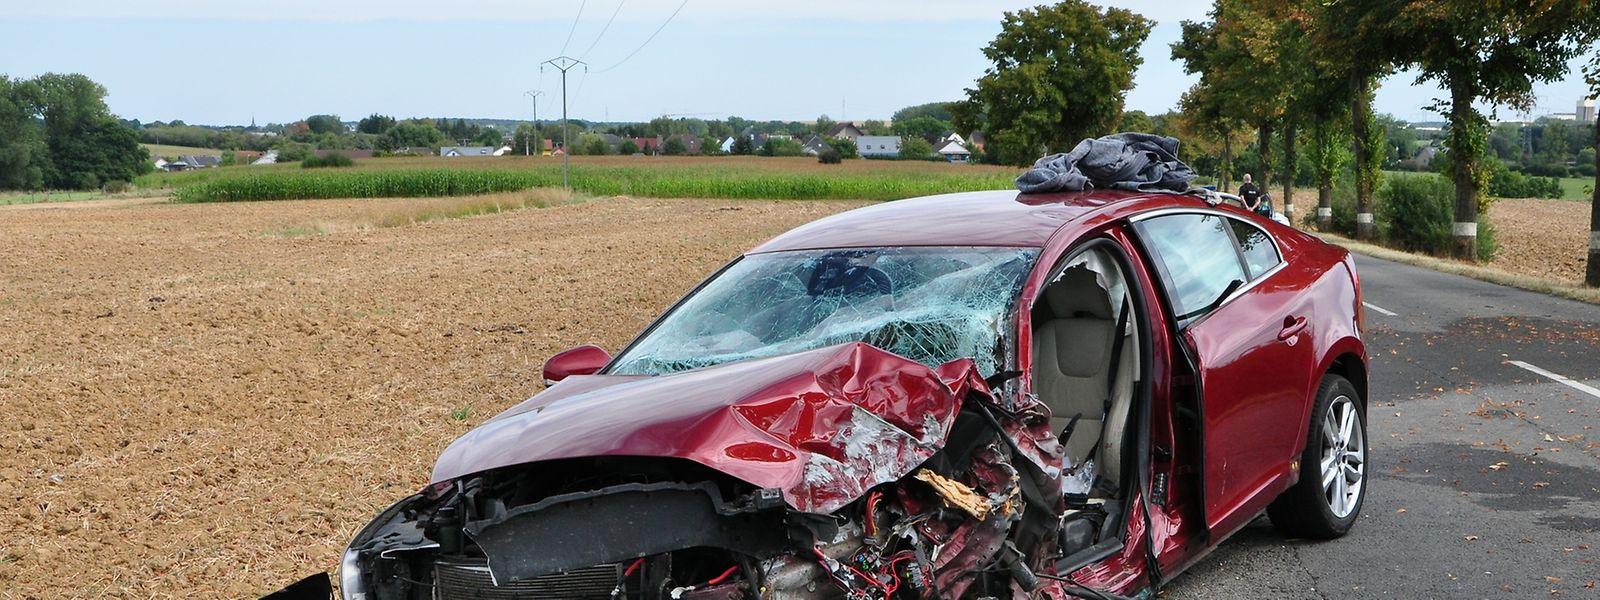 Der 79-jährige Fahrer wurde im Auto eingeklemmt.